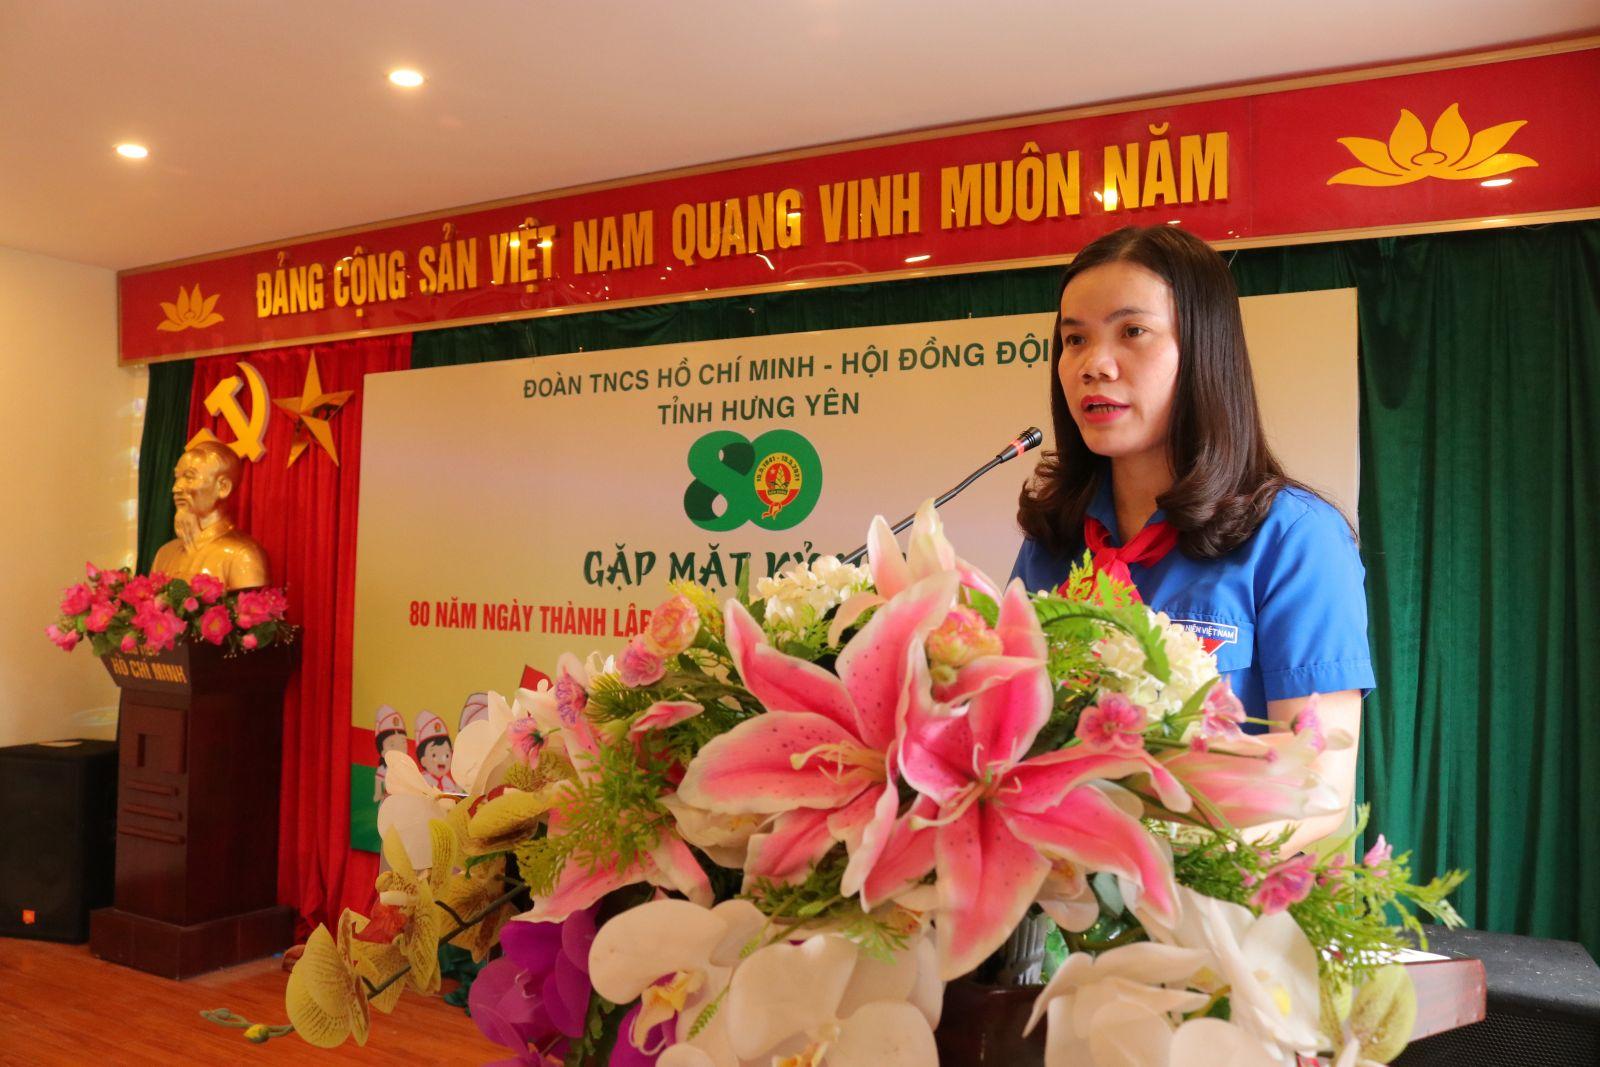 Tỉnh đoàn – Hội đồng Đội tỉnh: Gặp mặt kỷ niệm 80 năm thành lập Đội TNTP Hồ Chí Minh